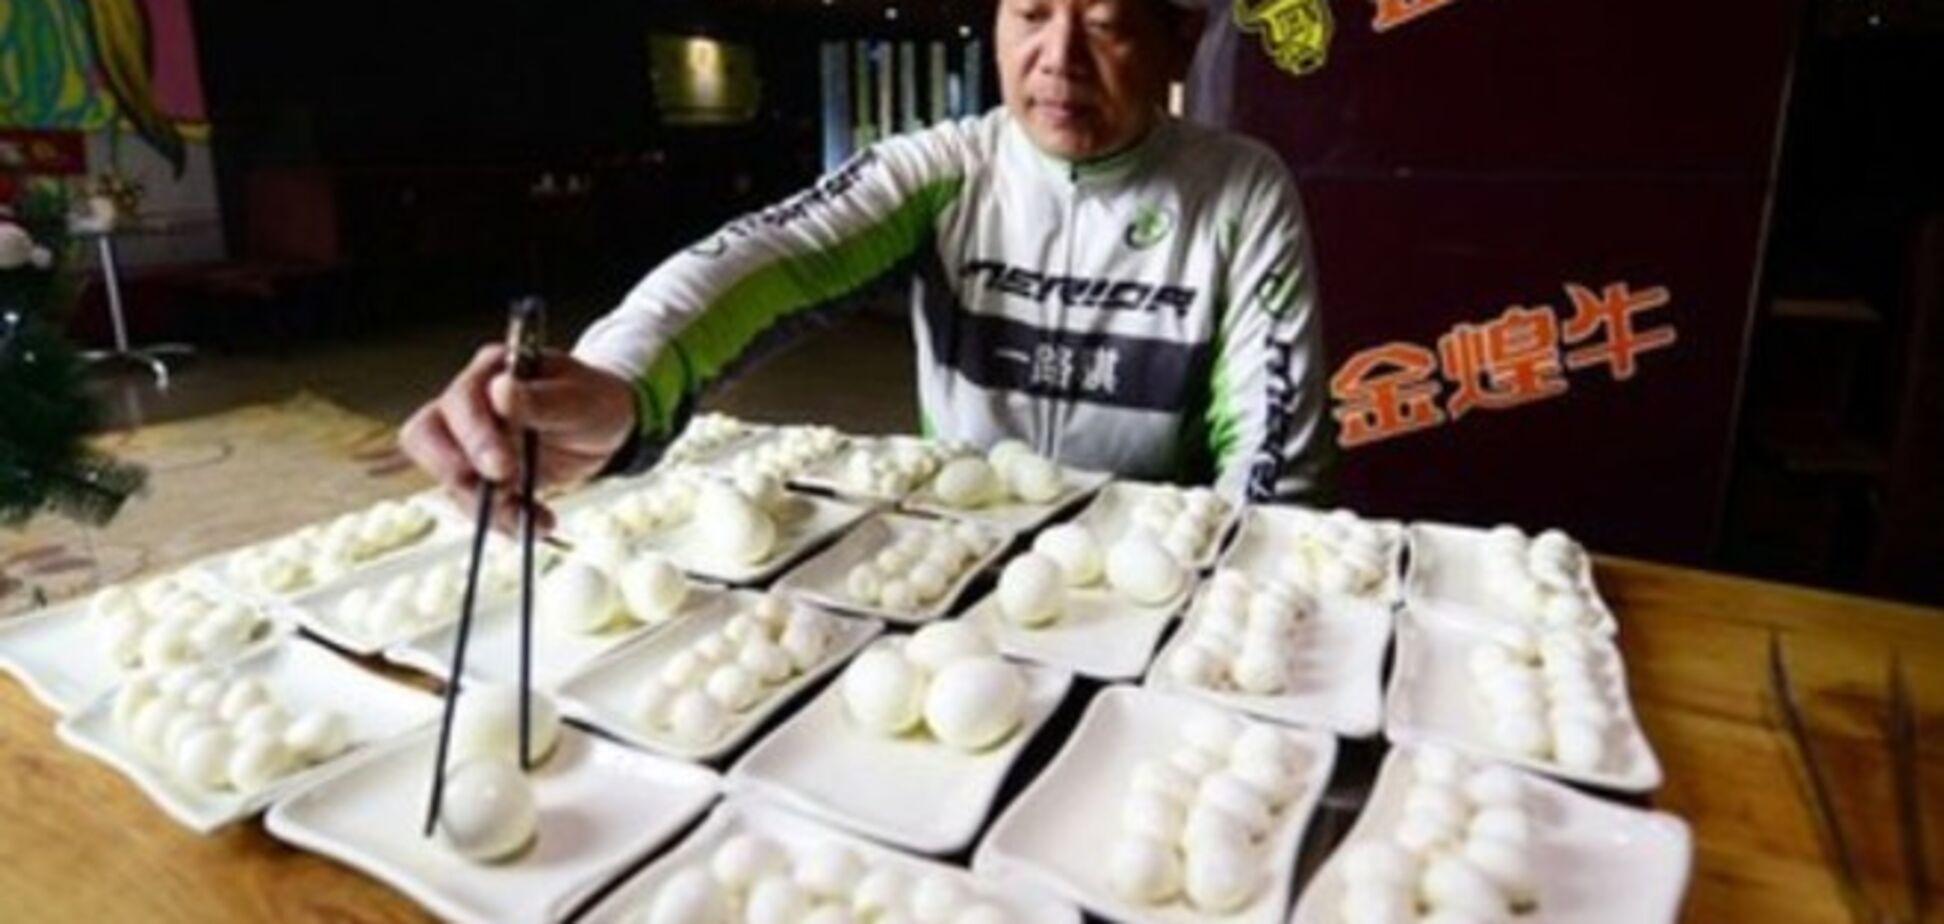 И это еще не предел. Китаец в колпаке Санта-Клауса съел 160 яиц